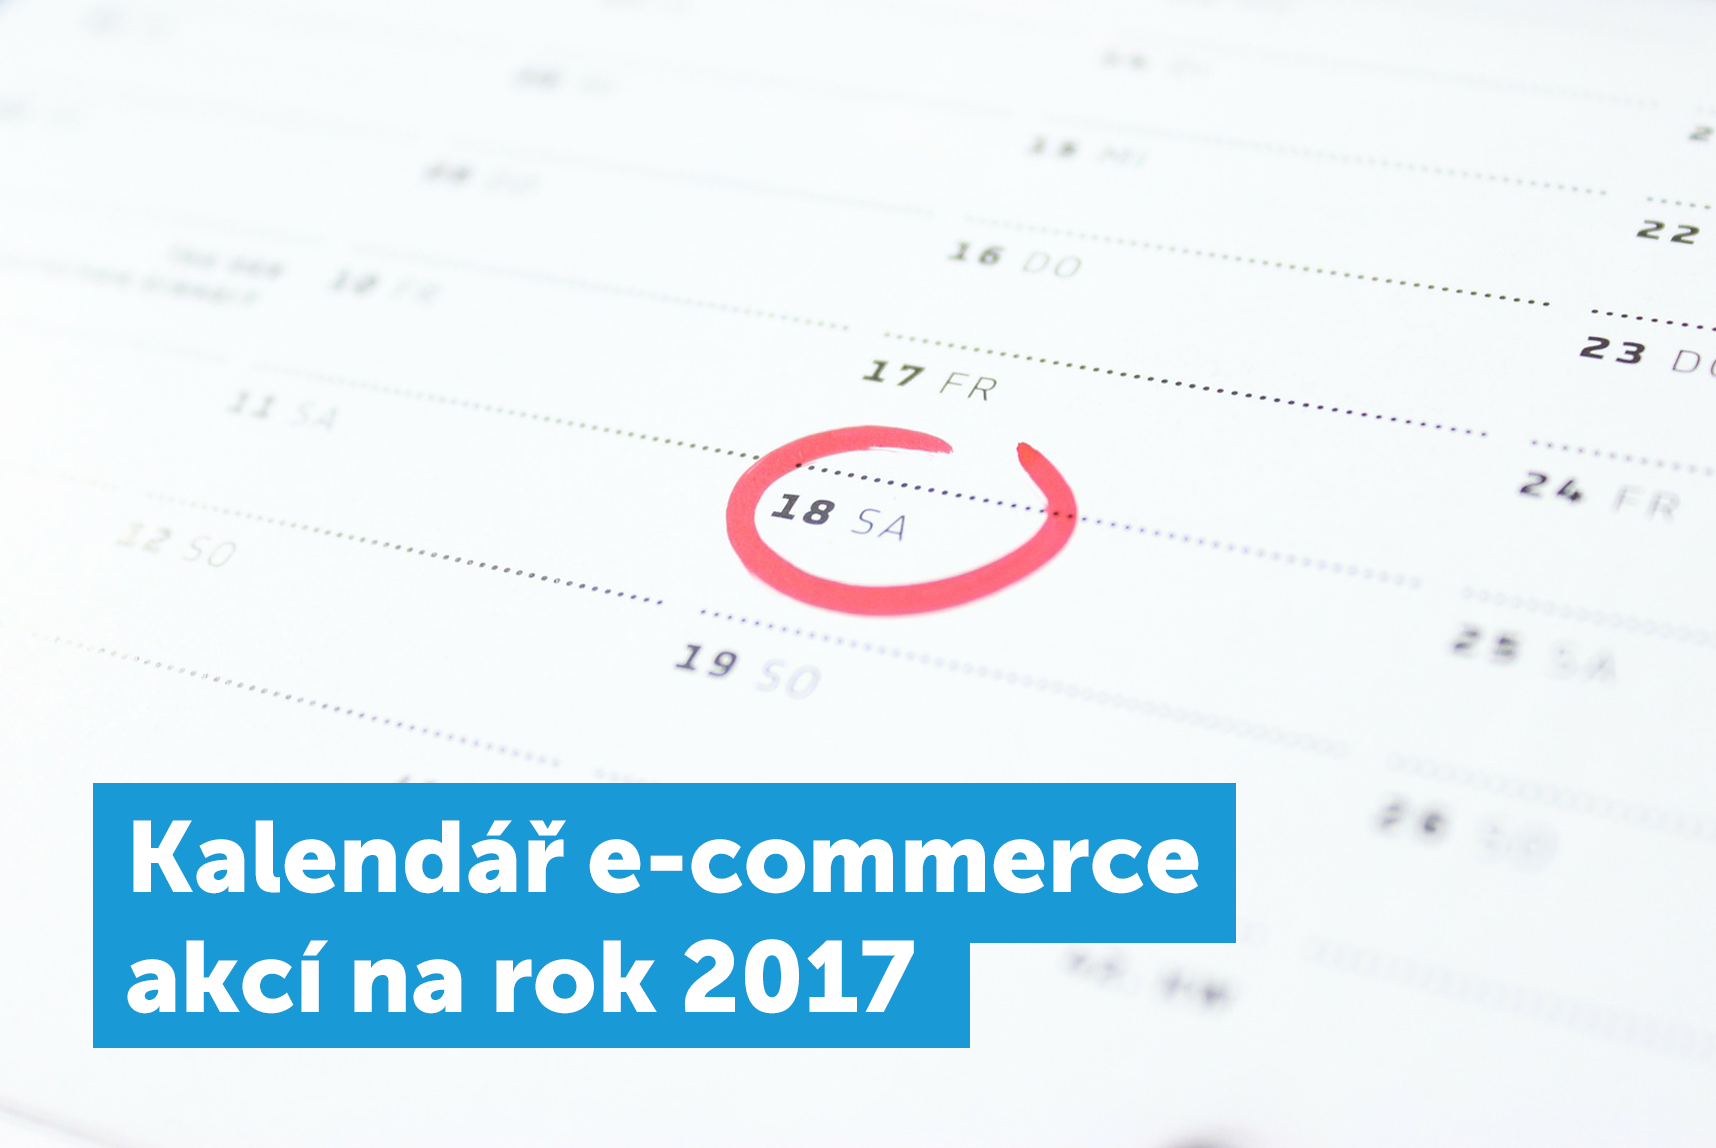 Kalendář e-commerce akcí 2017